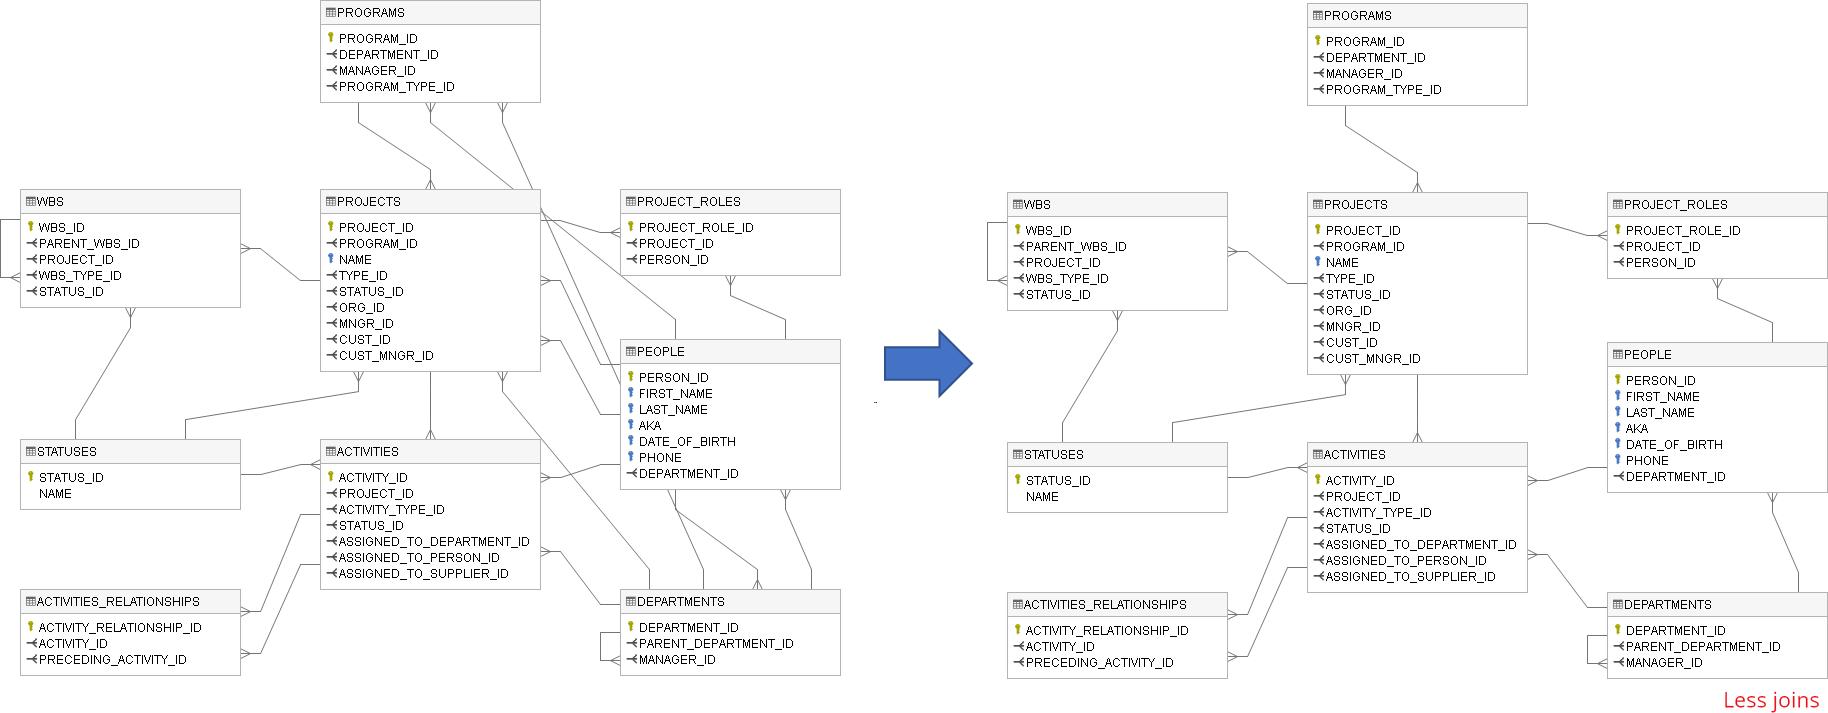 Create Er Diagram For Existing Database - Dataedo Dataedo within Erd Tutorial